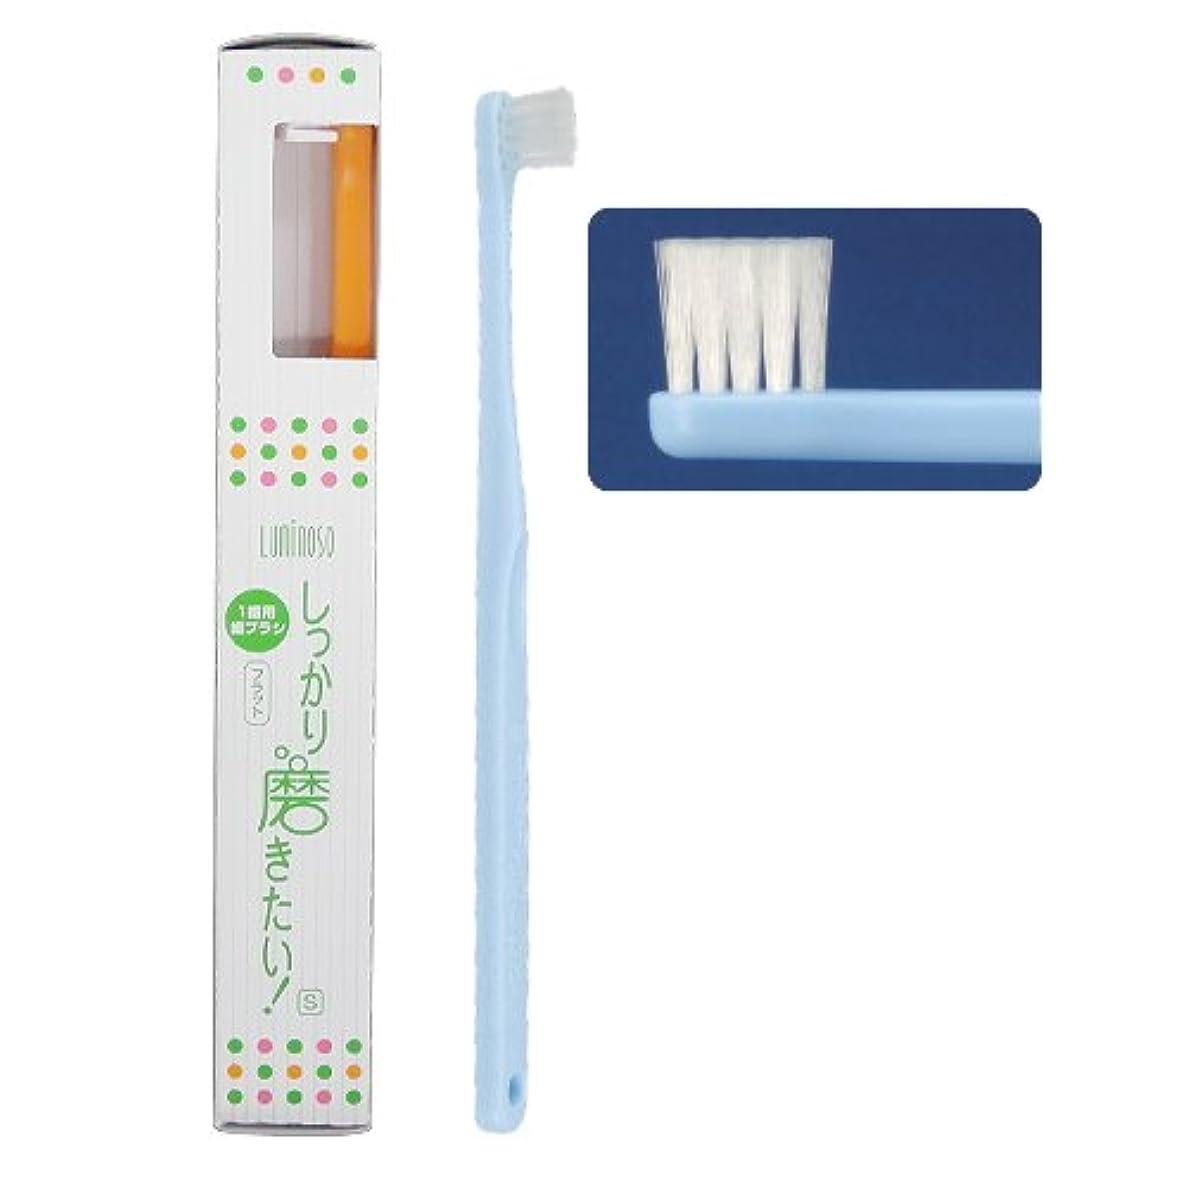 間欠マーチャンダイジング高尚なルミノソ 1歯用歯ブラシ 「しっかり磨きたい!」 フラット/ソフト